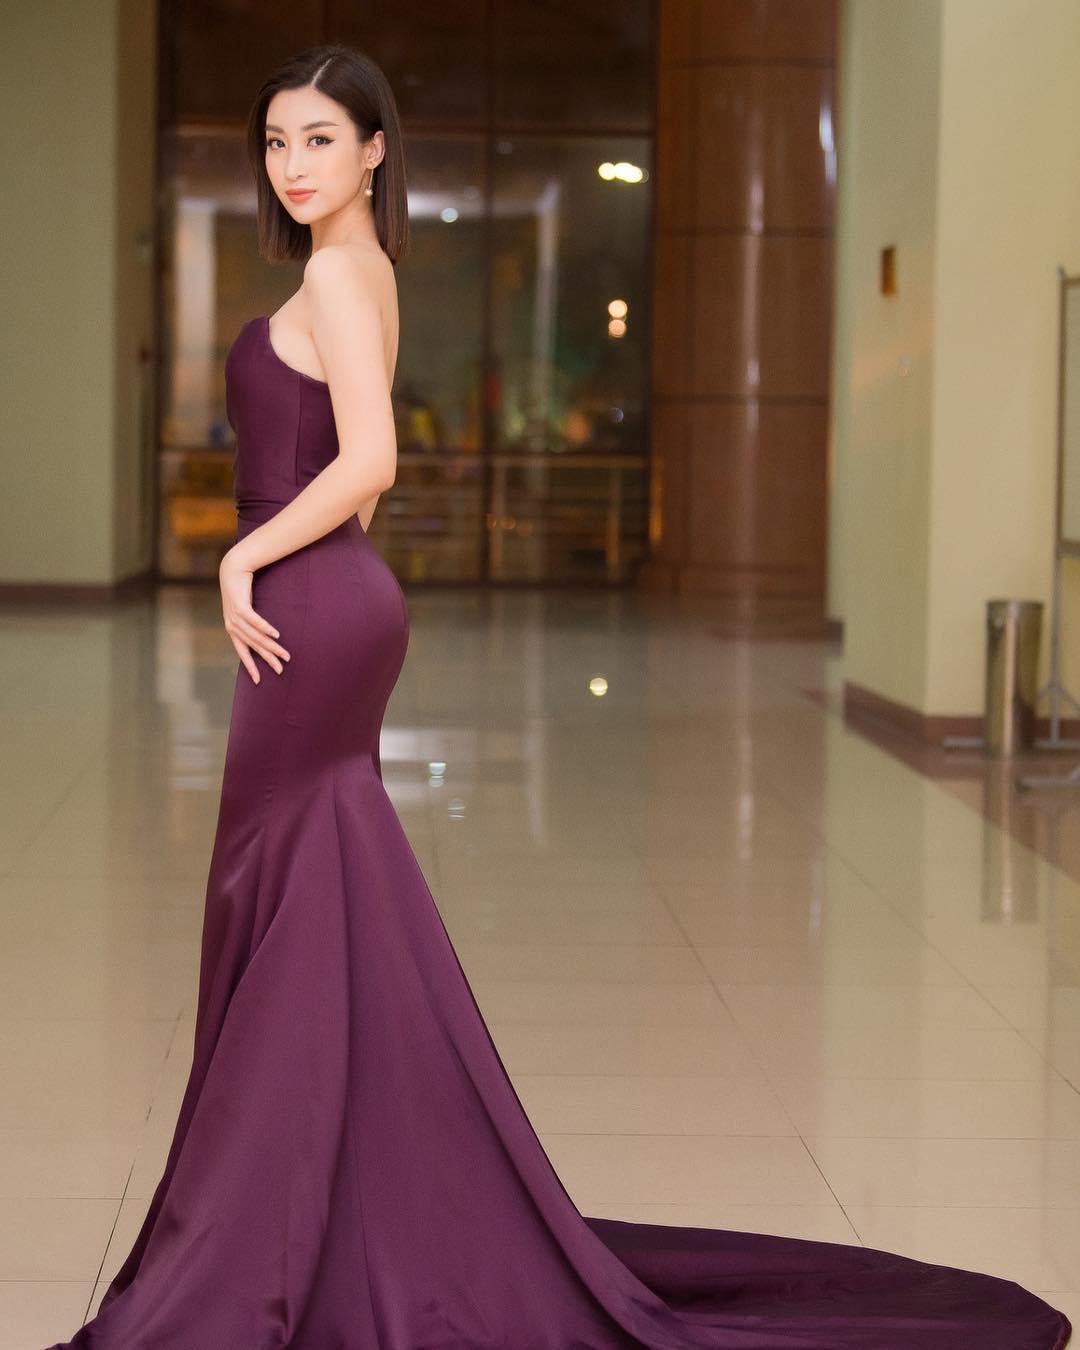 Bất ngờ với sự thay đổi 'một trời 1 vực' sau 3 năm đăng quang của Hoa hậu Đỗ Mỹ Linh - Ảnh 10